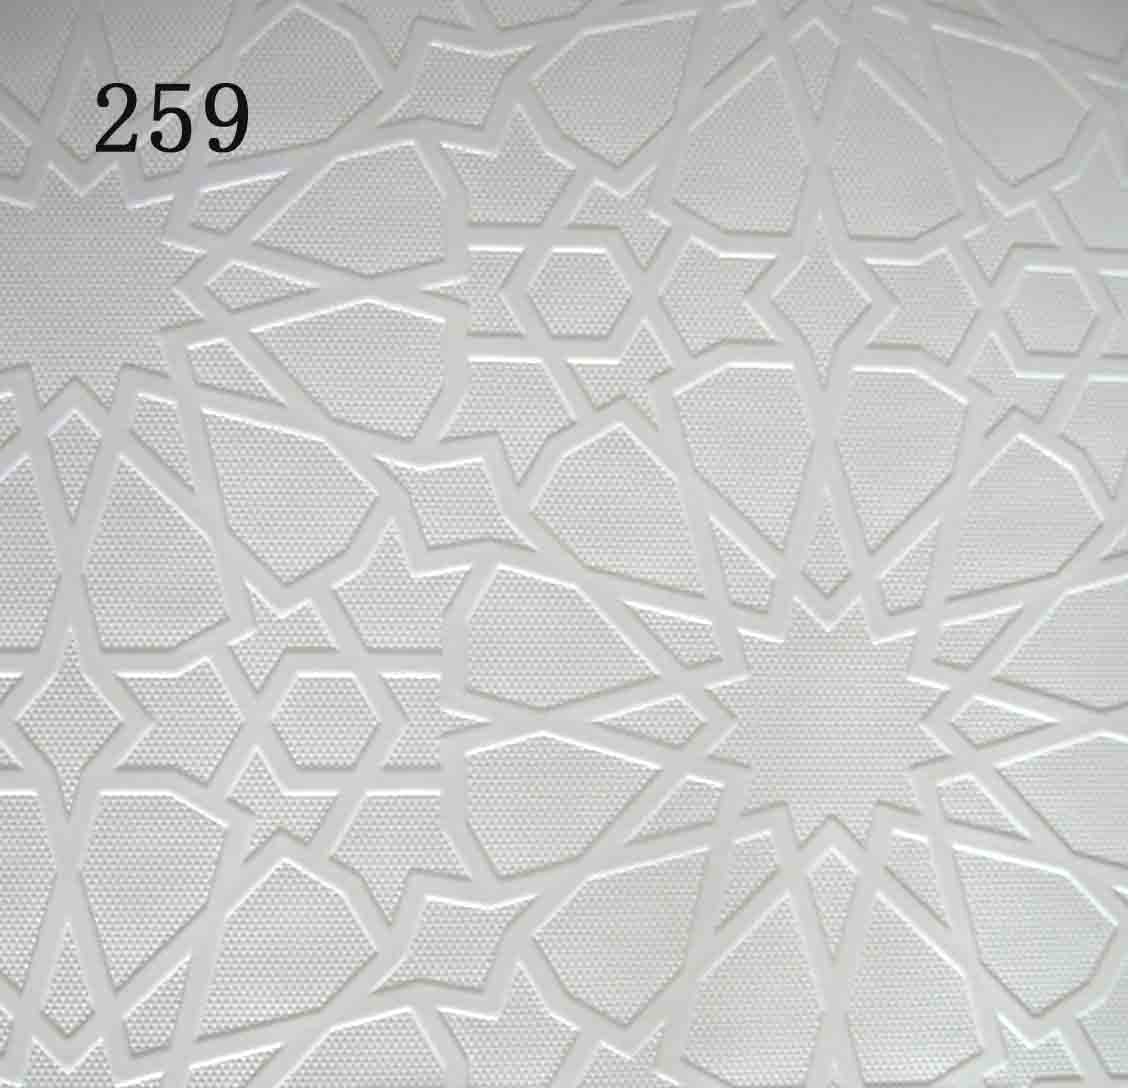 Laminate ceiling tiles